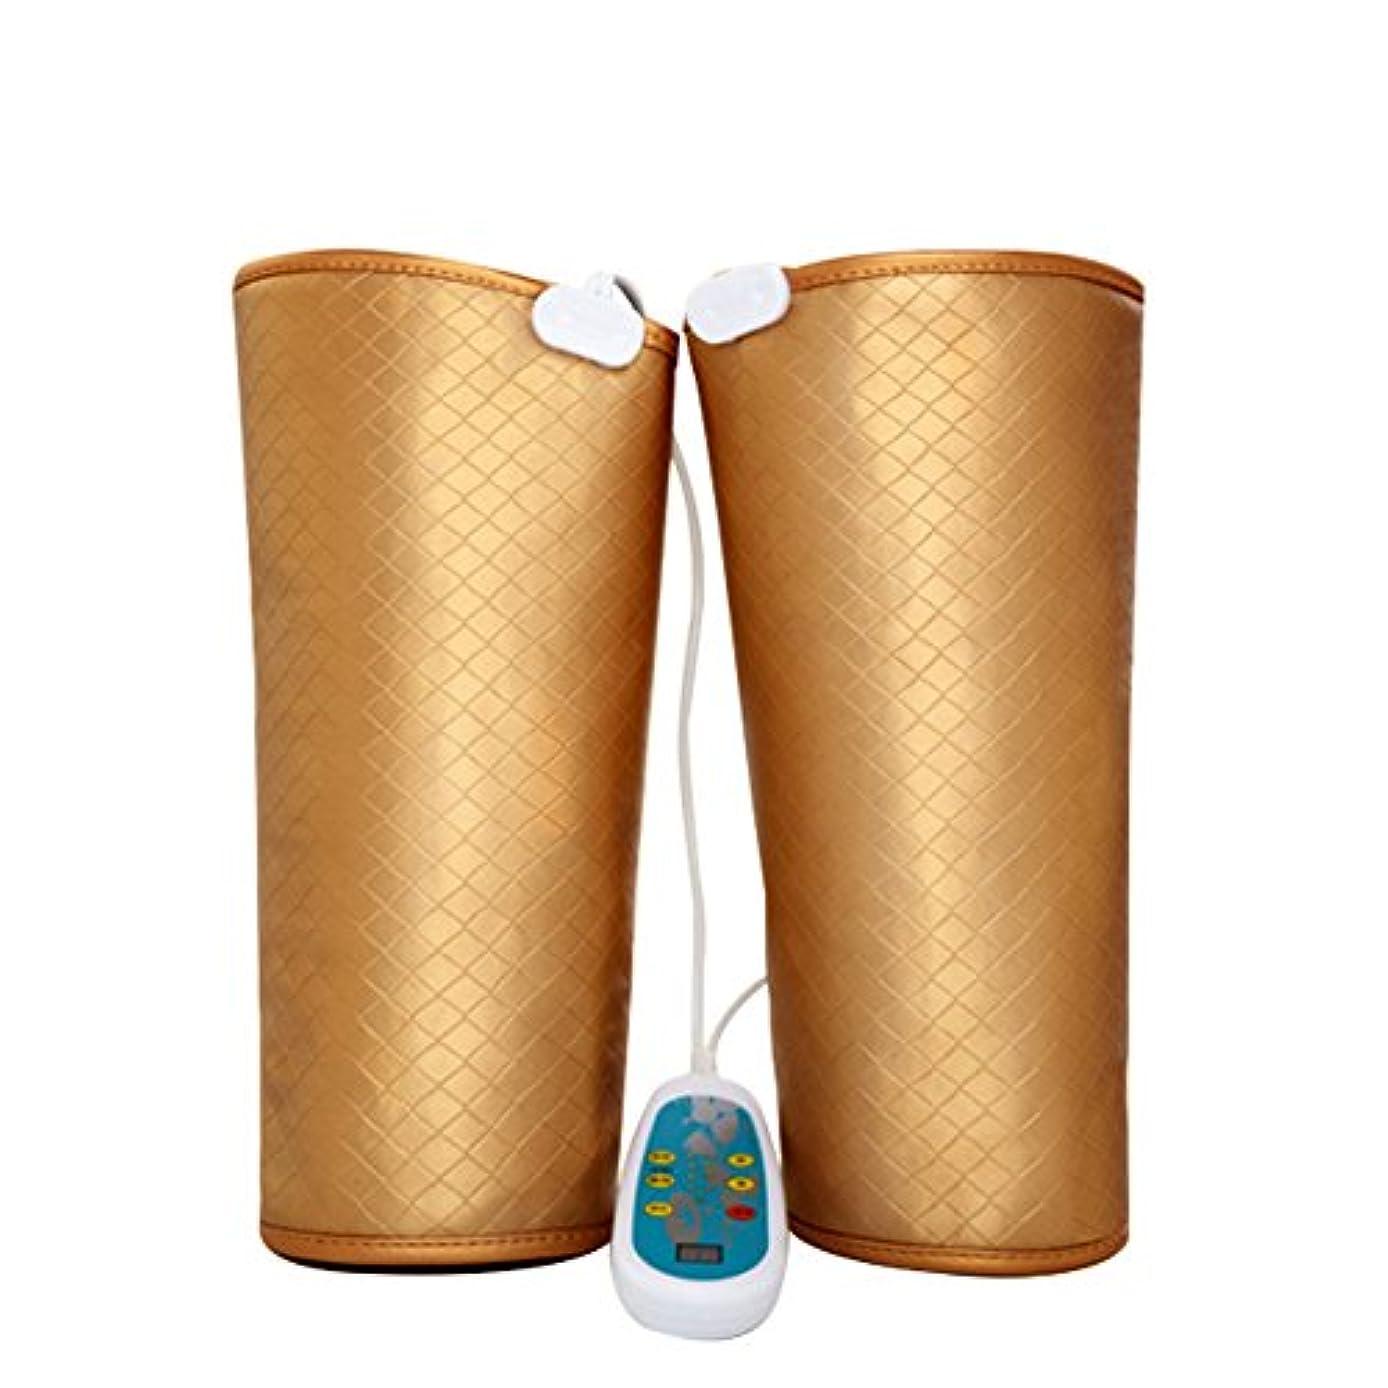 ファイバキャンセル組み合わせ電気マッサージ、膝の保温、男女通用、マッサージ機、膝と足を加熱してマッサージします